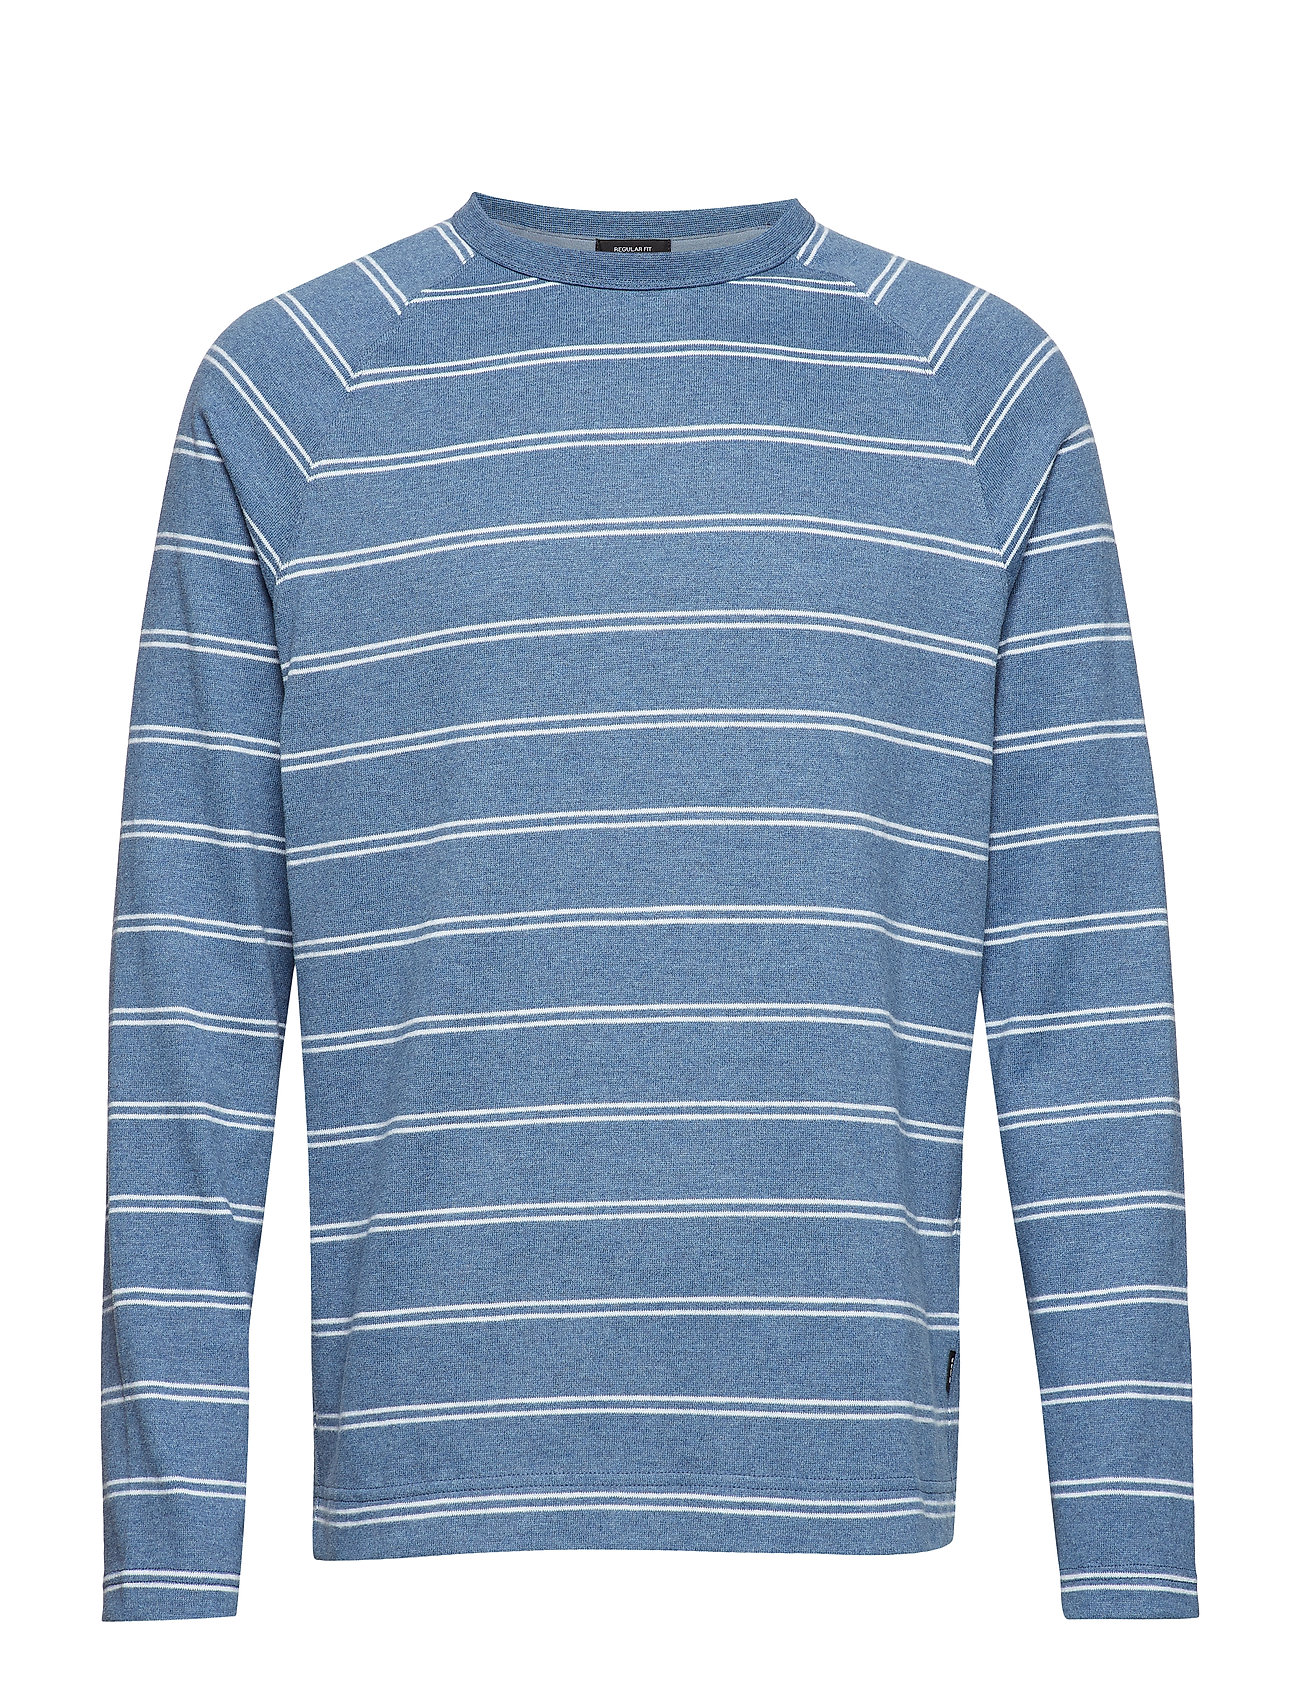 HUGO BOSS Terell 03 T-Langärmliges Hemd Blau BOSS BUSINESS WEAR